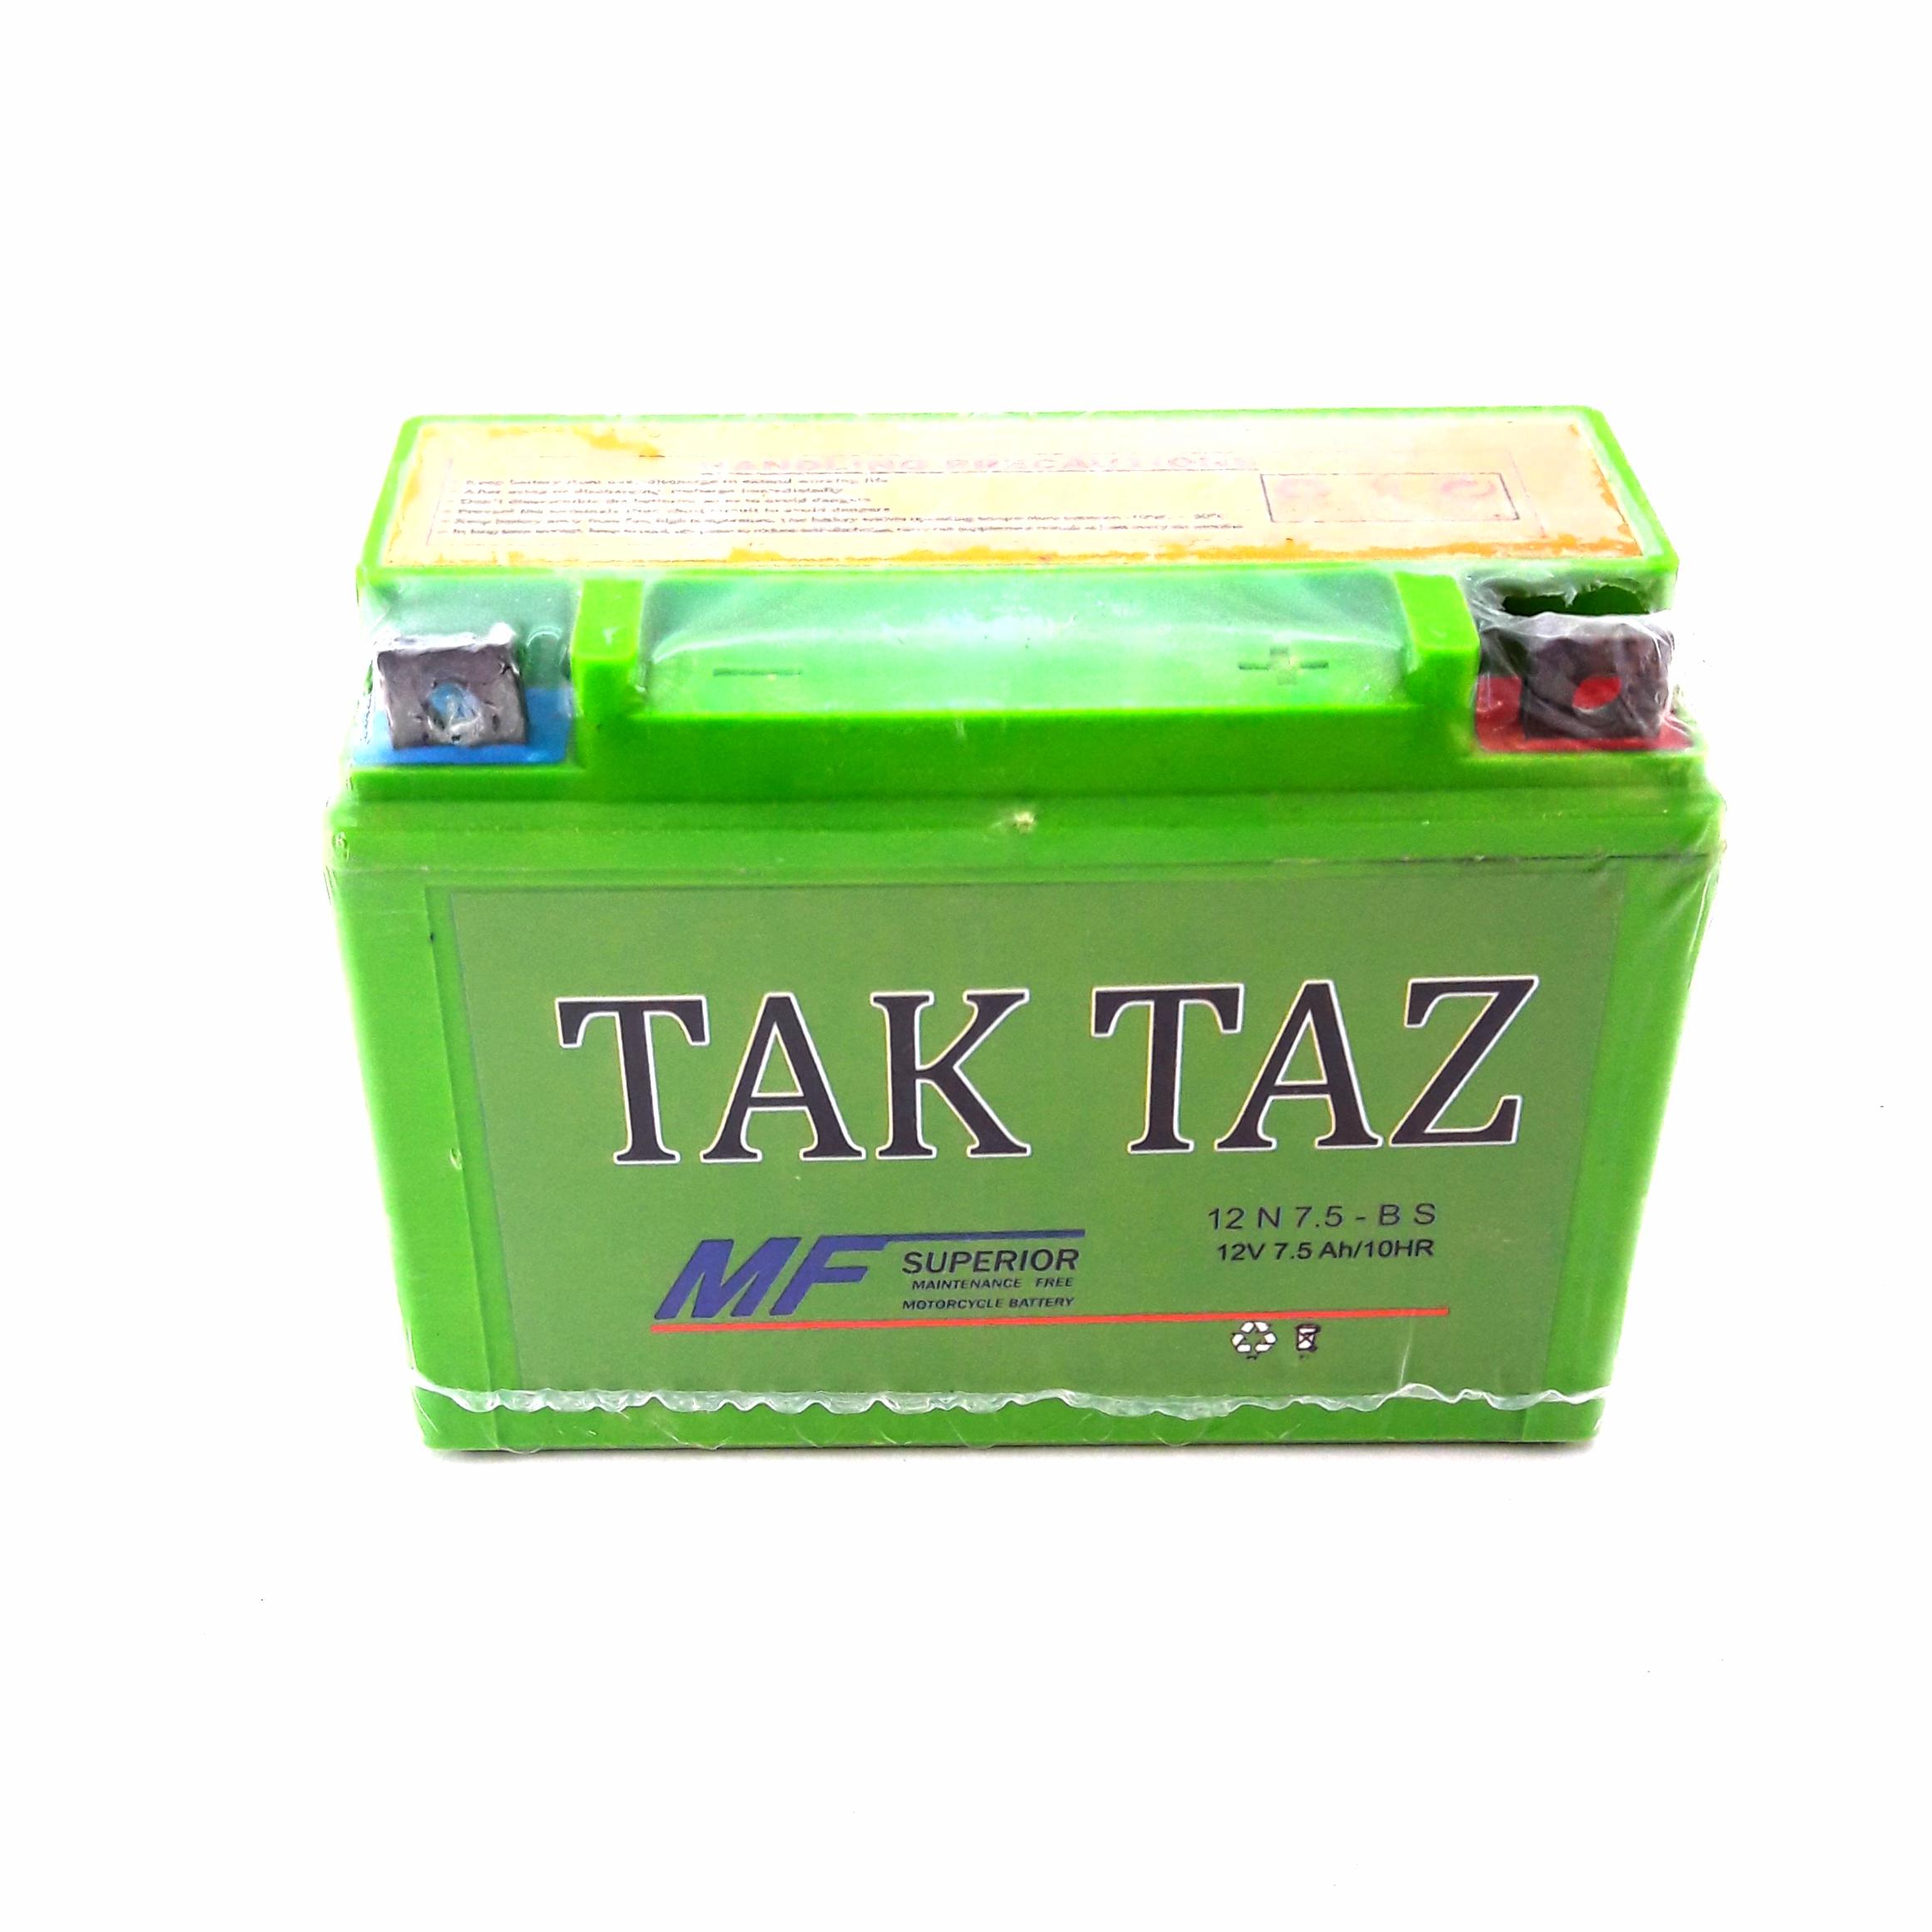 باتری موتورسیکلت مدل تکتاز.tk21